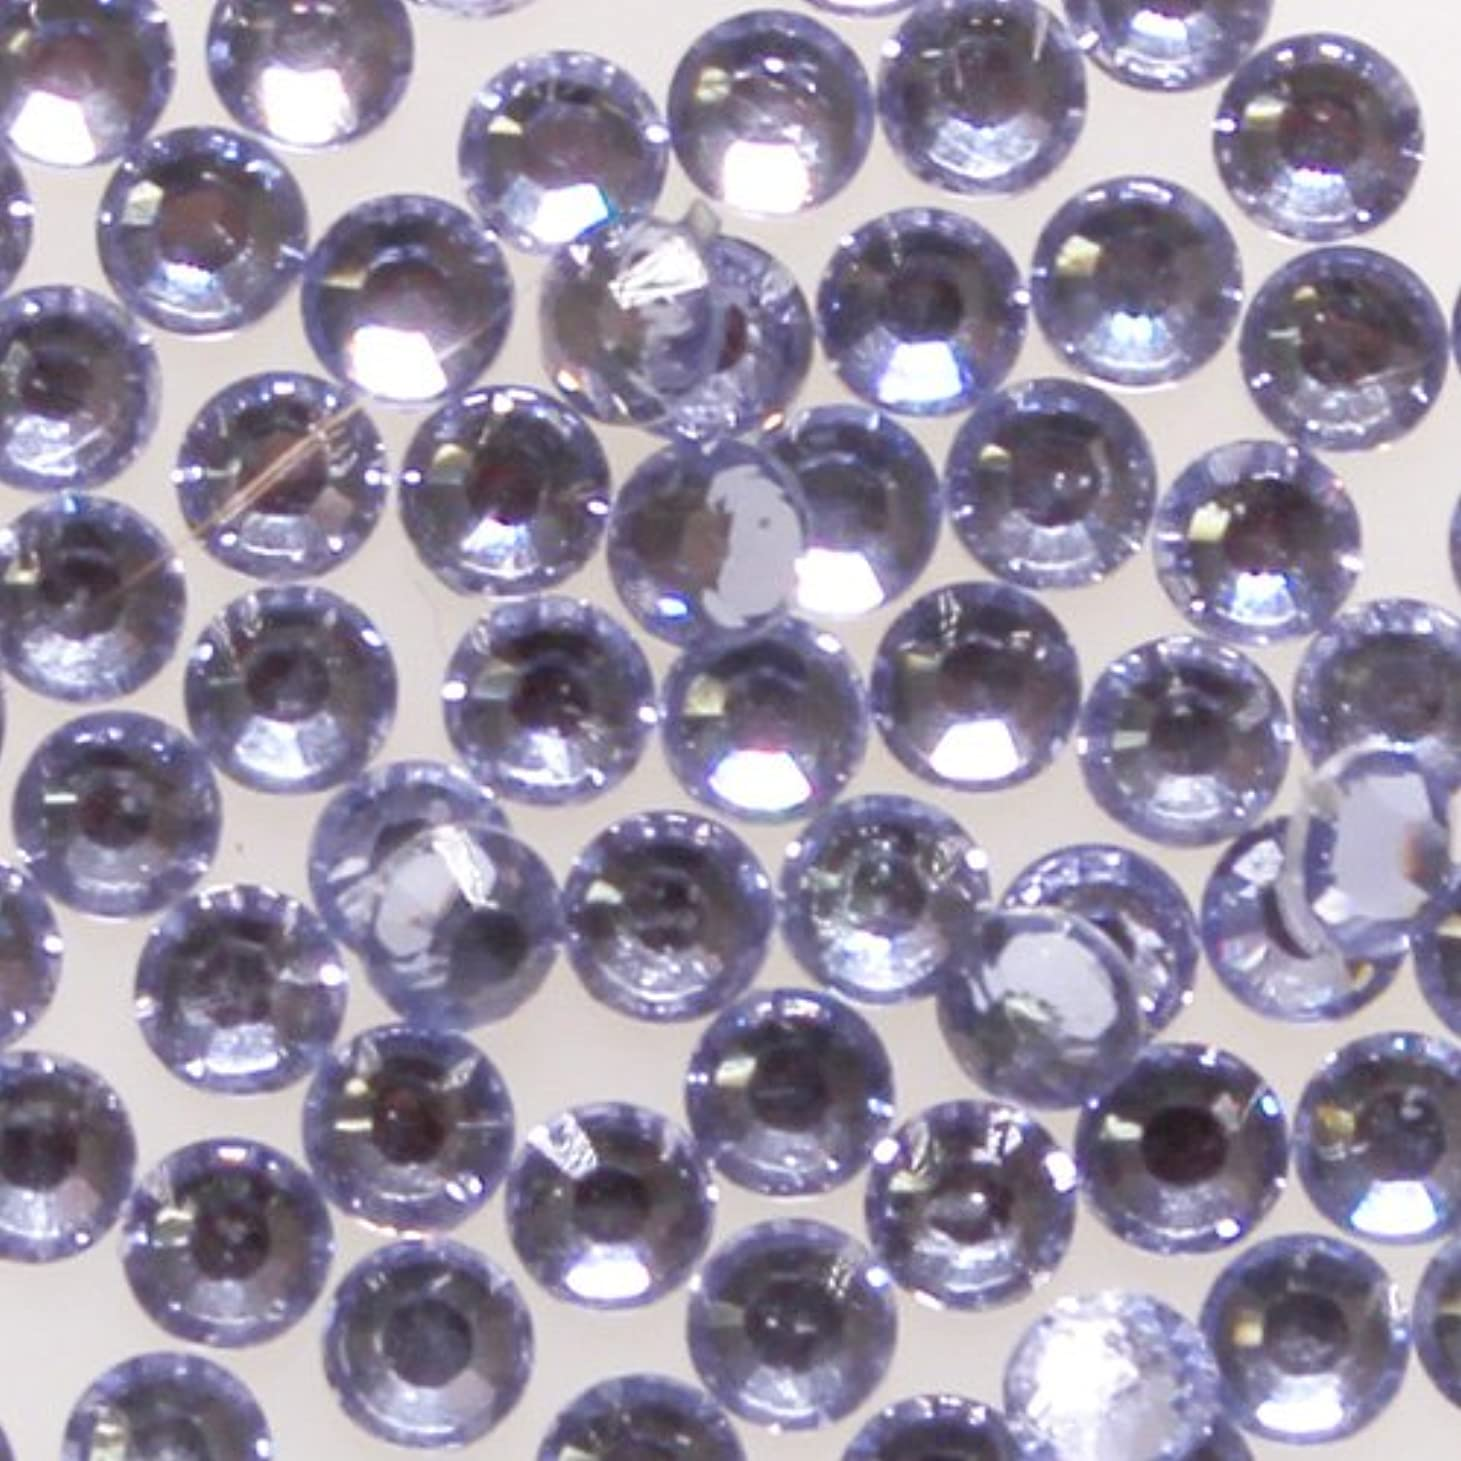 失効クアッガ毎月高品質 アクリルストーン ラインストーン ラウンドフラット 約1000粒入り 4mm ライトアメジスト